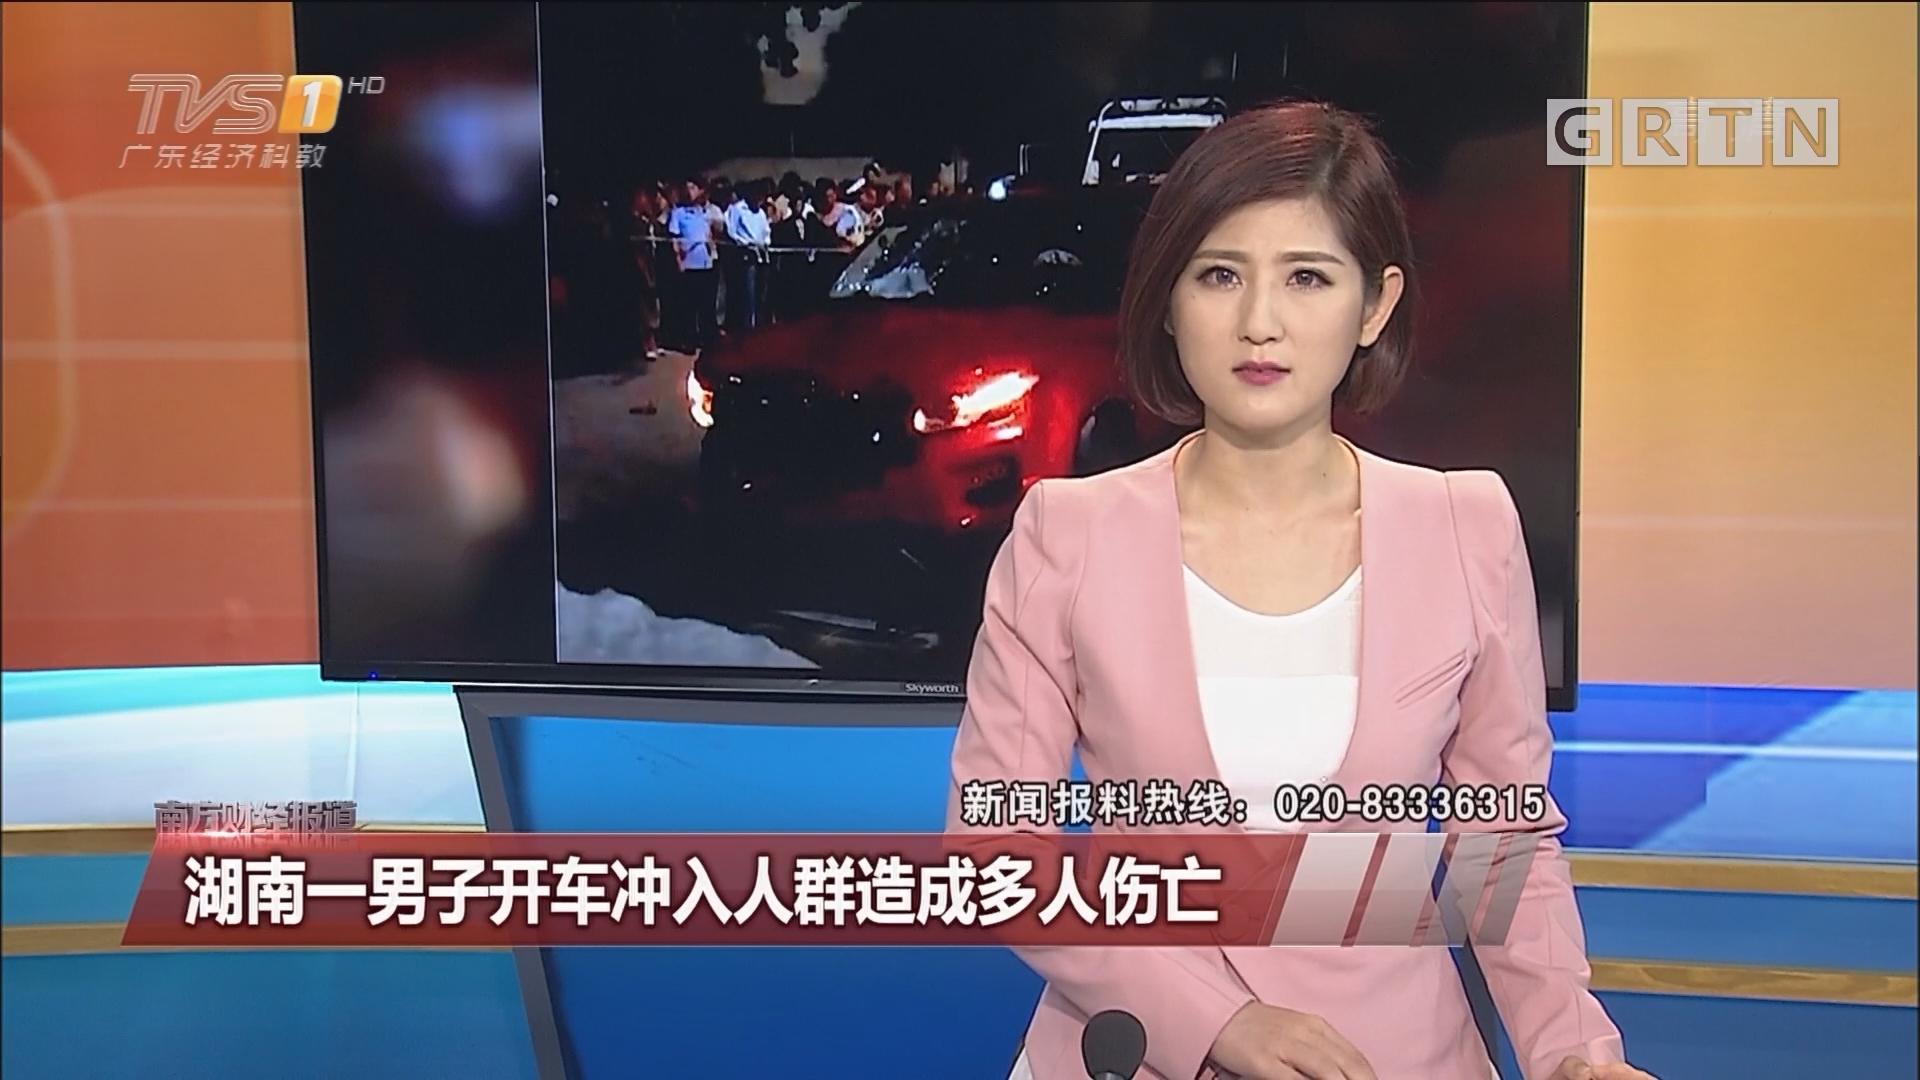 湖南一男子开车冲入人群造成多人伤亡